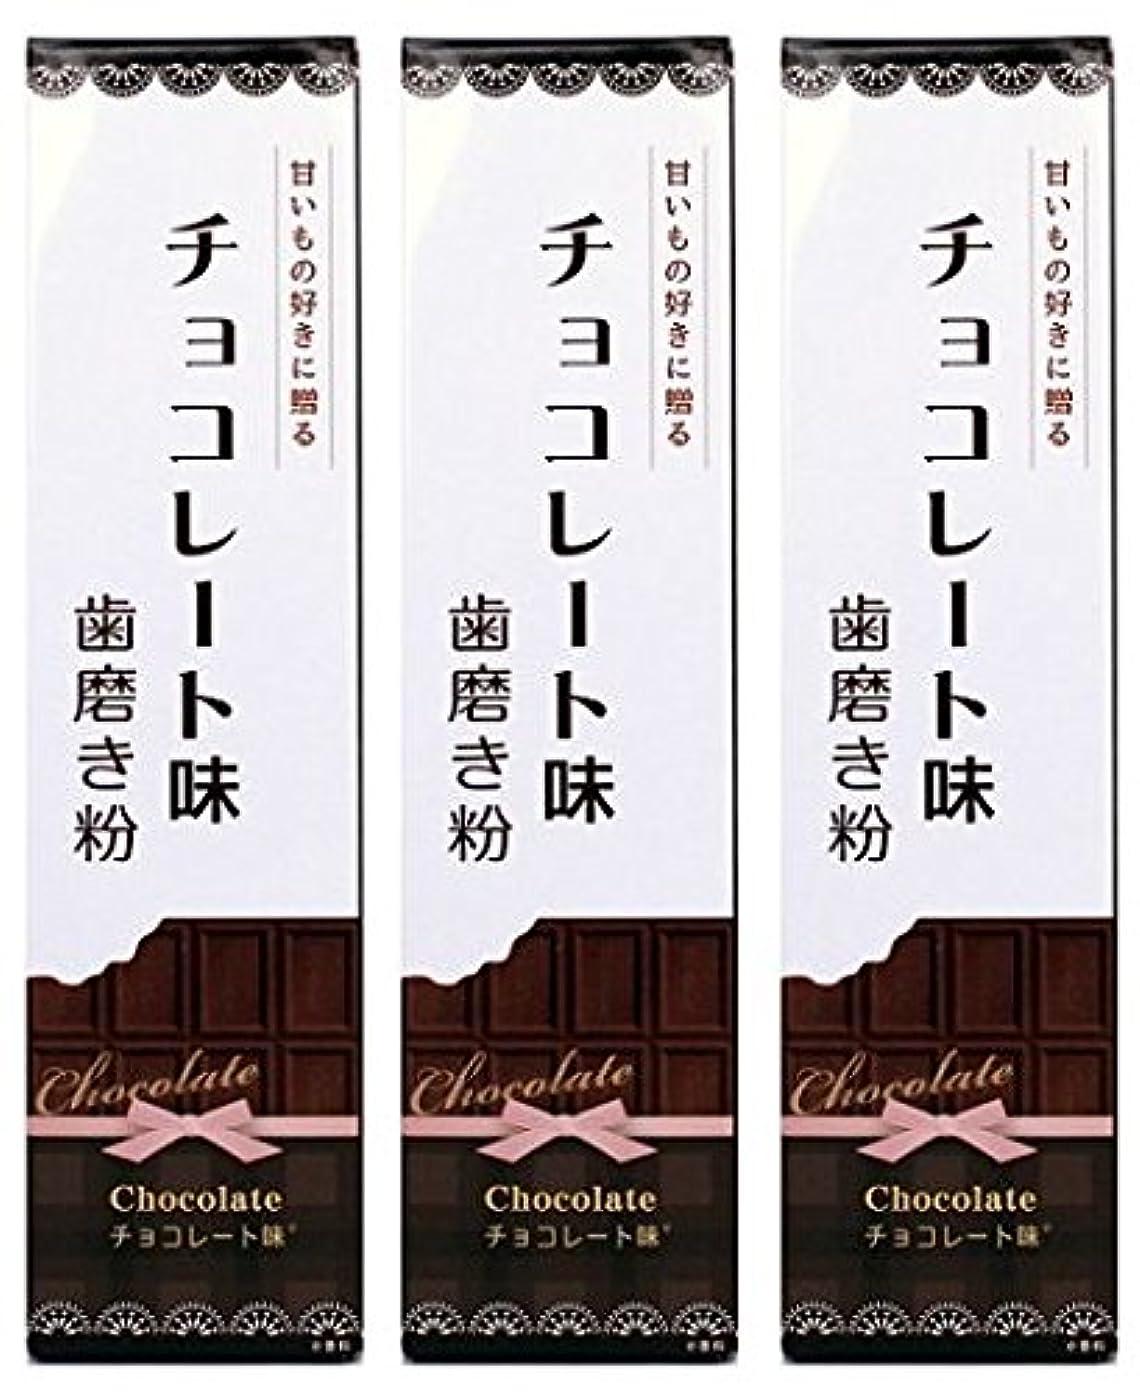 矛盾する報復する治世SWEETS 歯磨き粉 チョコレート味 70g (3本)